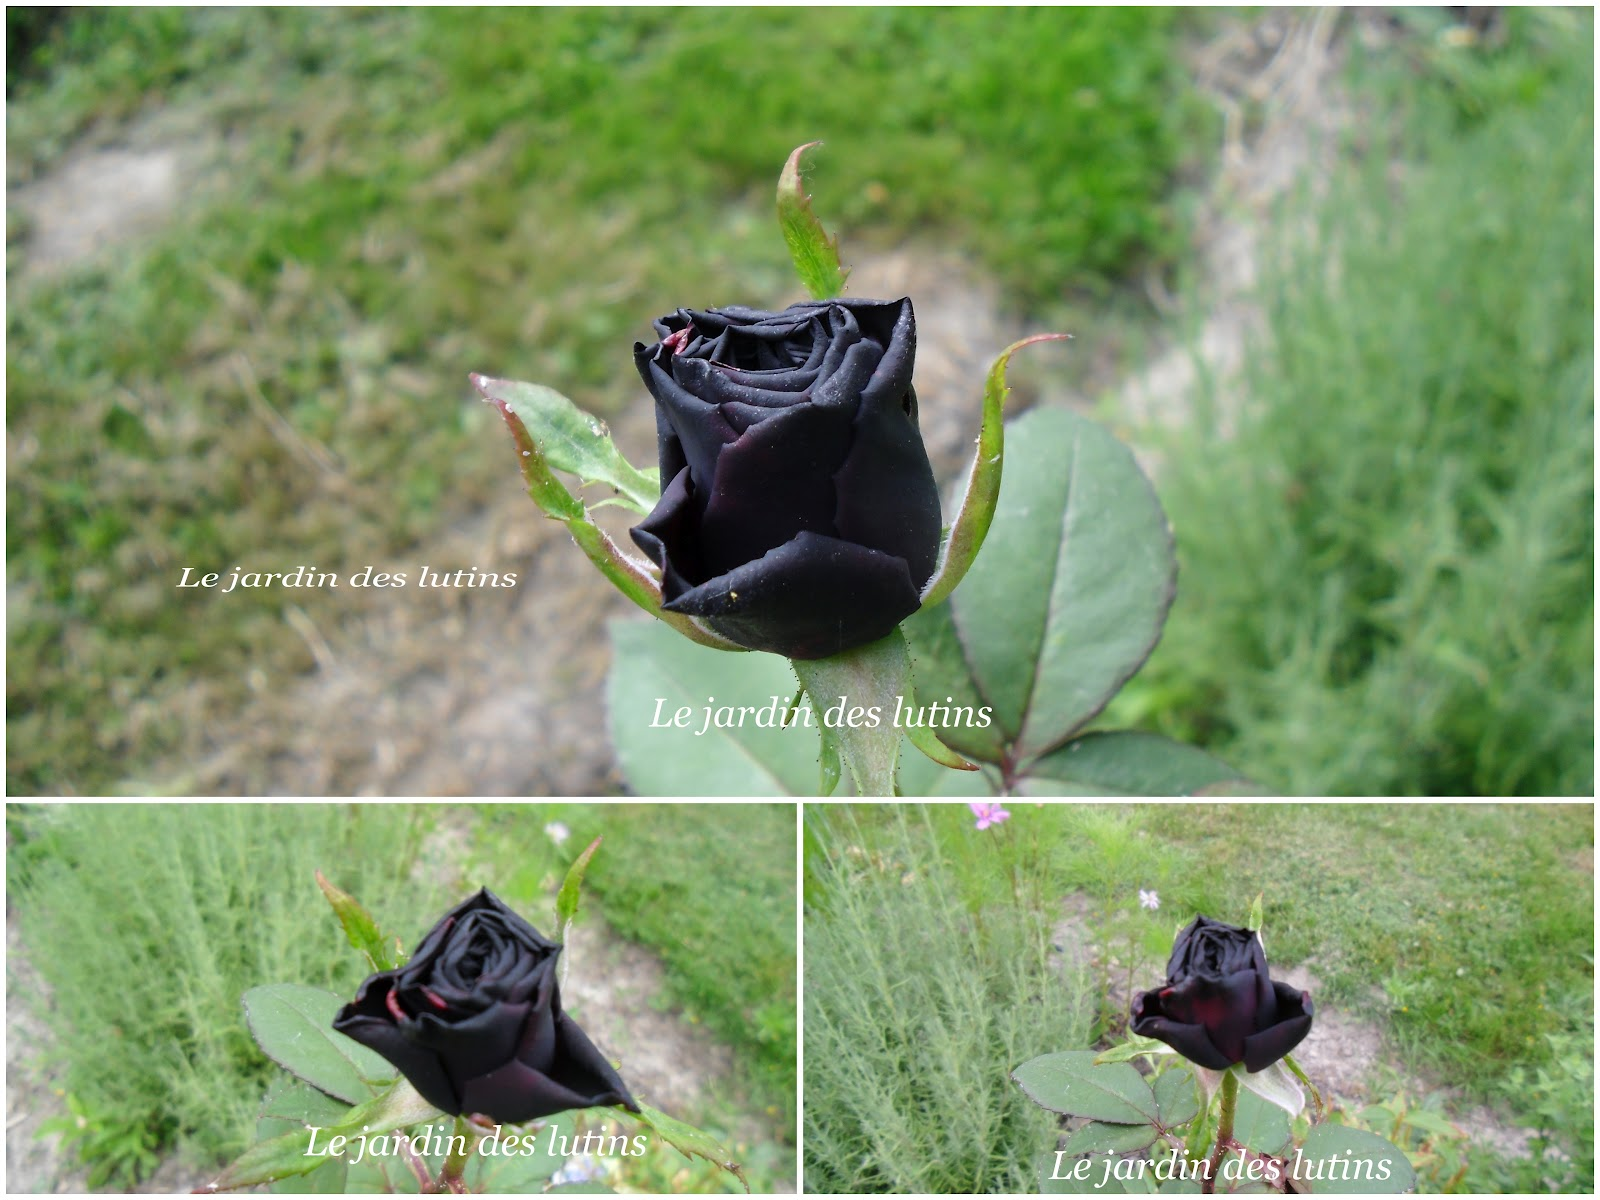 Acheter Des Roses Noires le jardin de roses noires – groupe sister